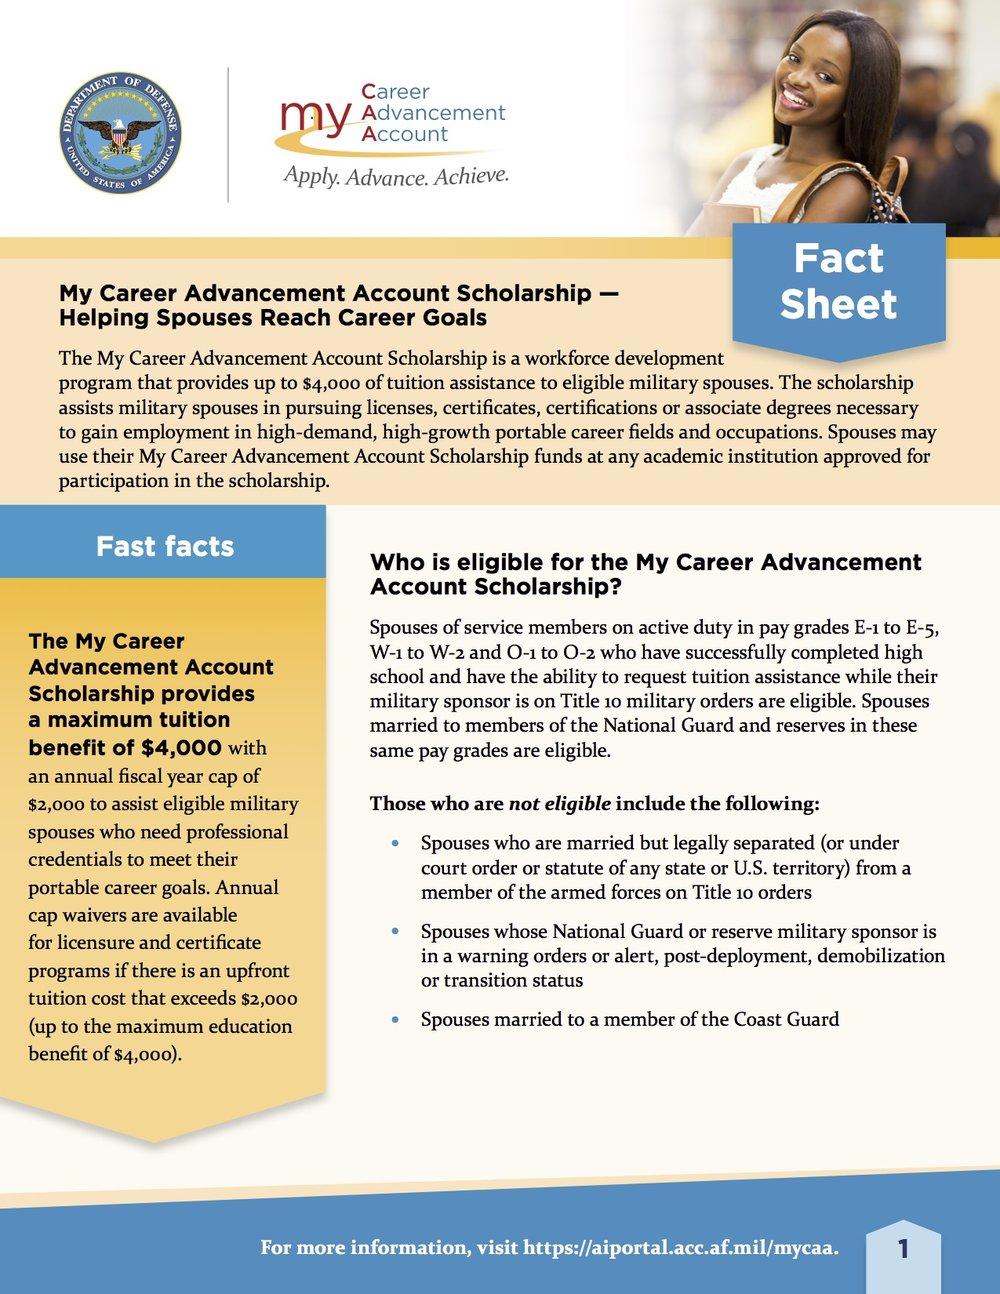 MyCAA-Helping-Spouses-Reach-Career-Goals.jpg